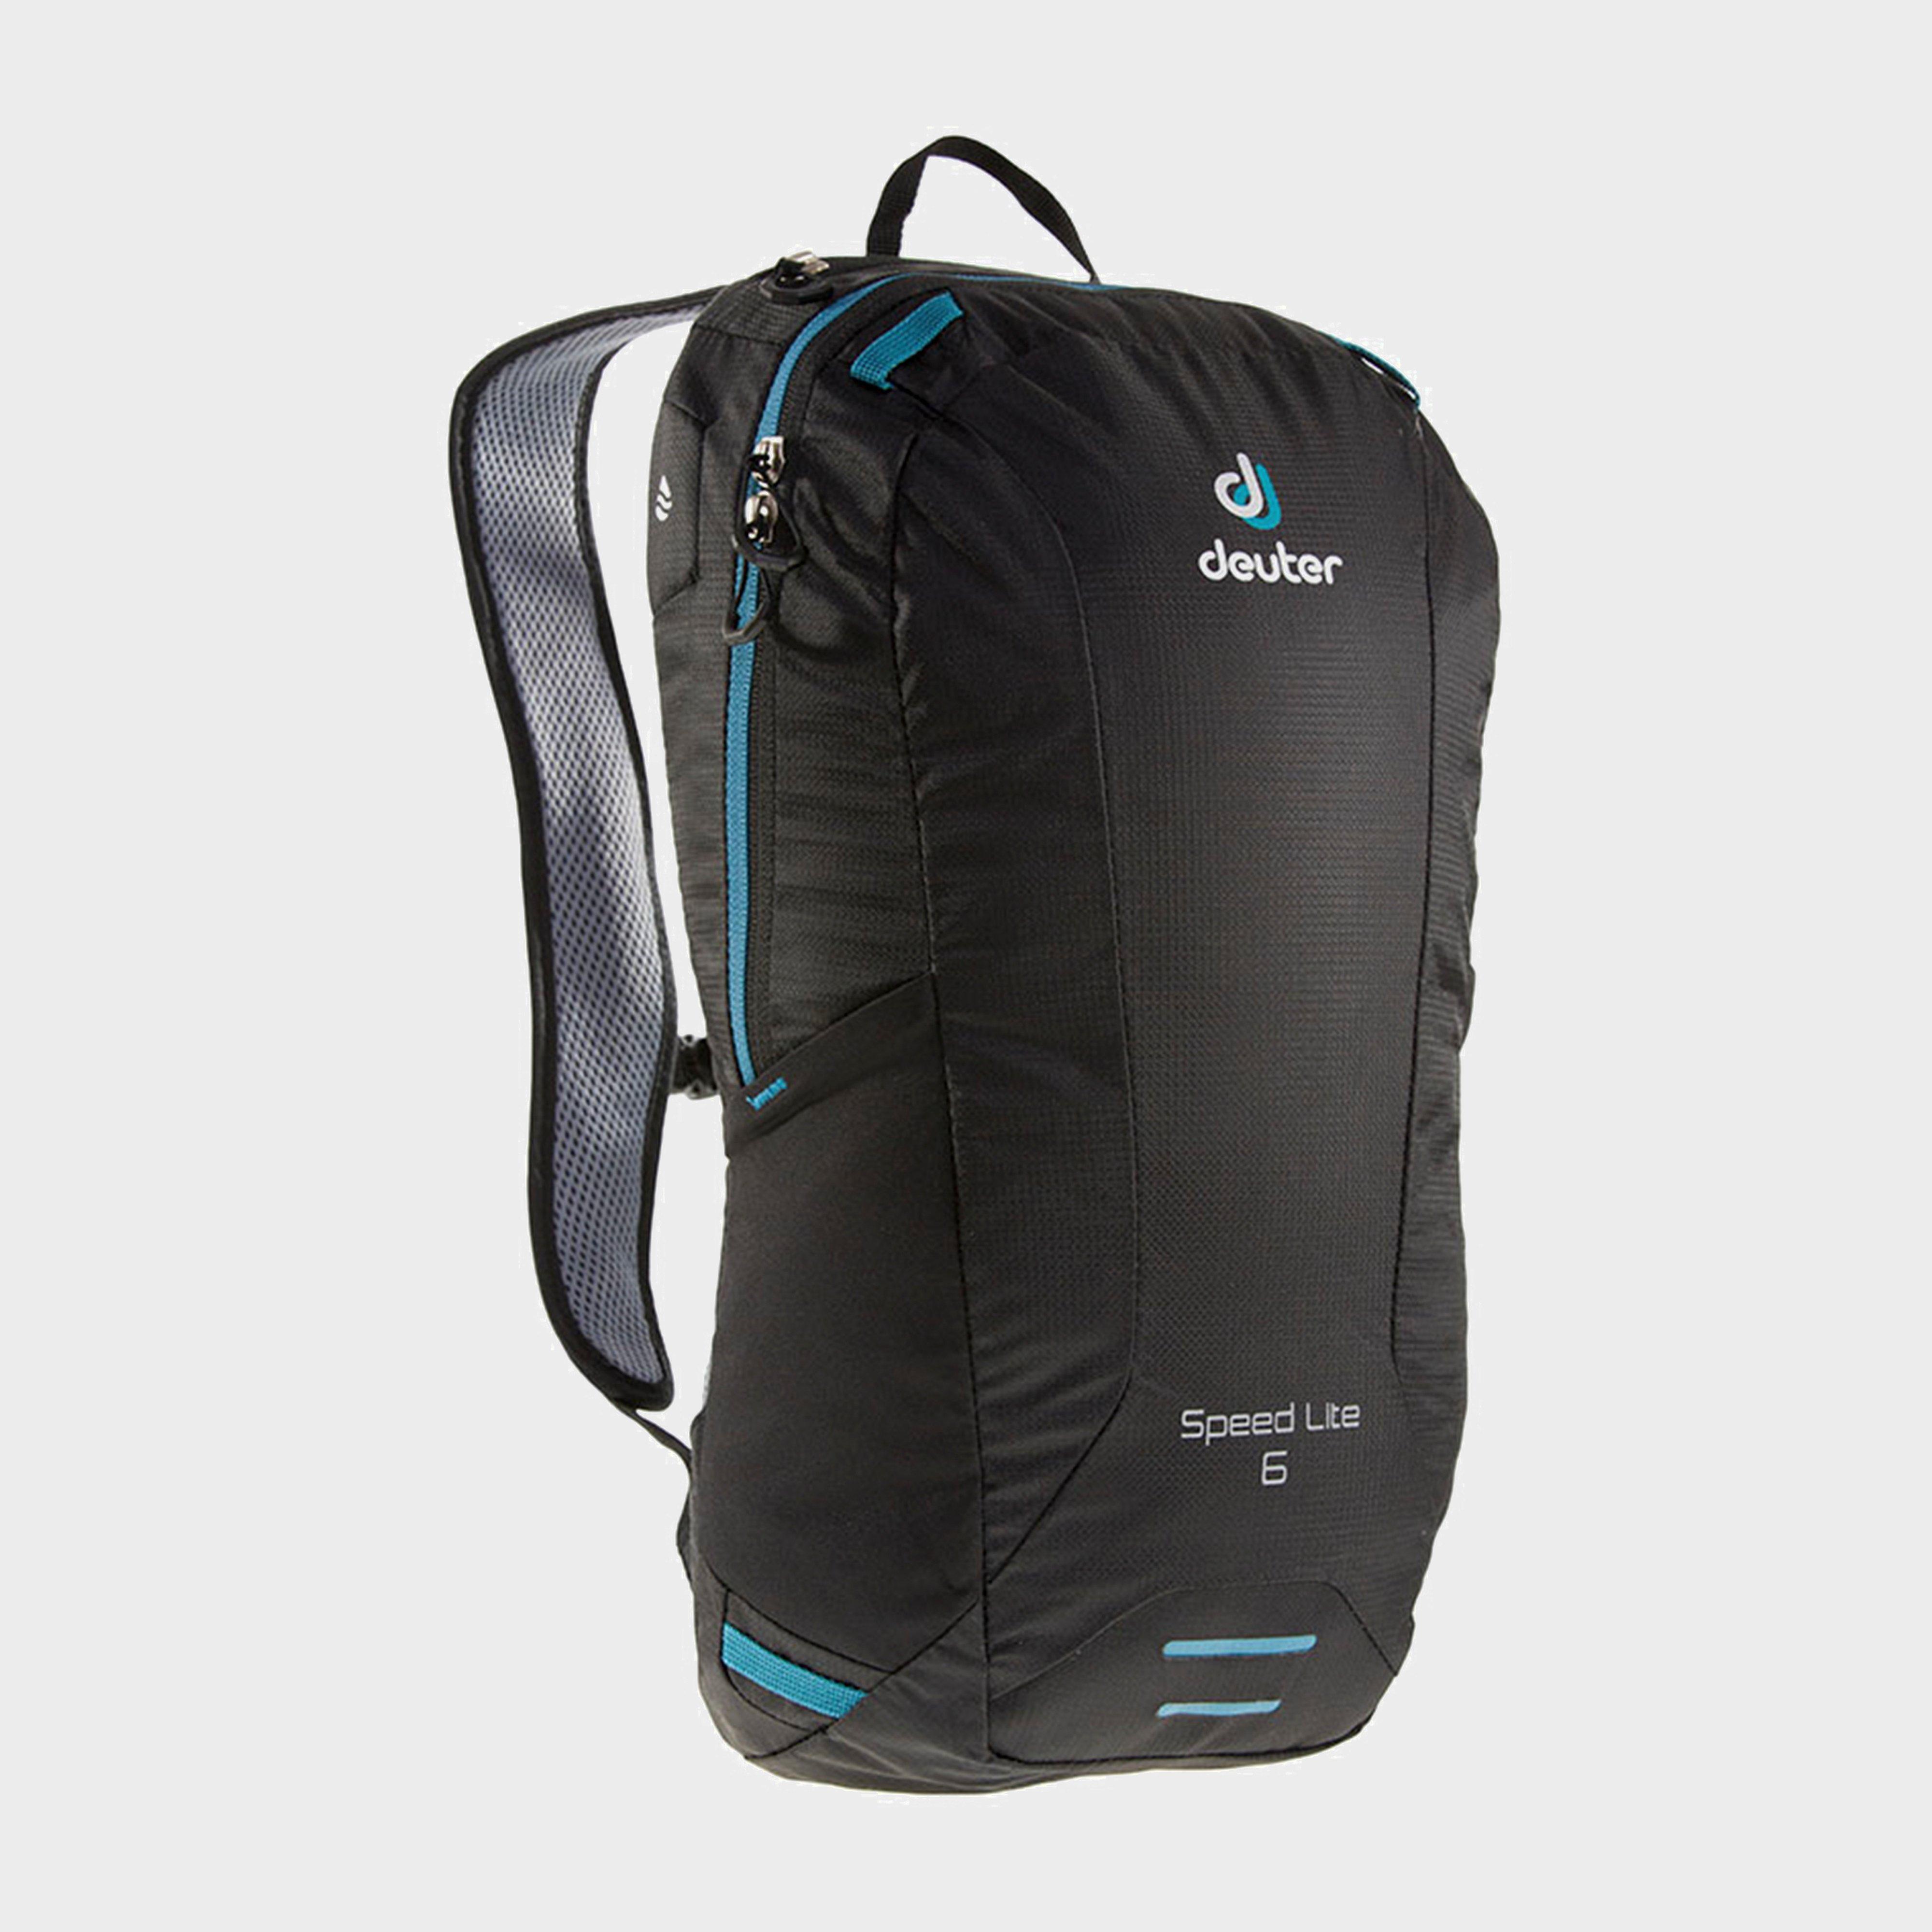 Deuter Deuter Speed Lite 6 Daypack